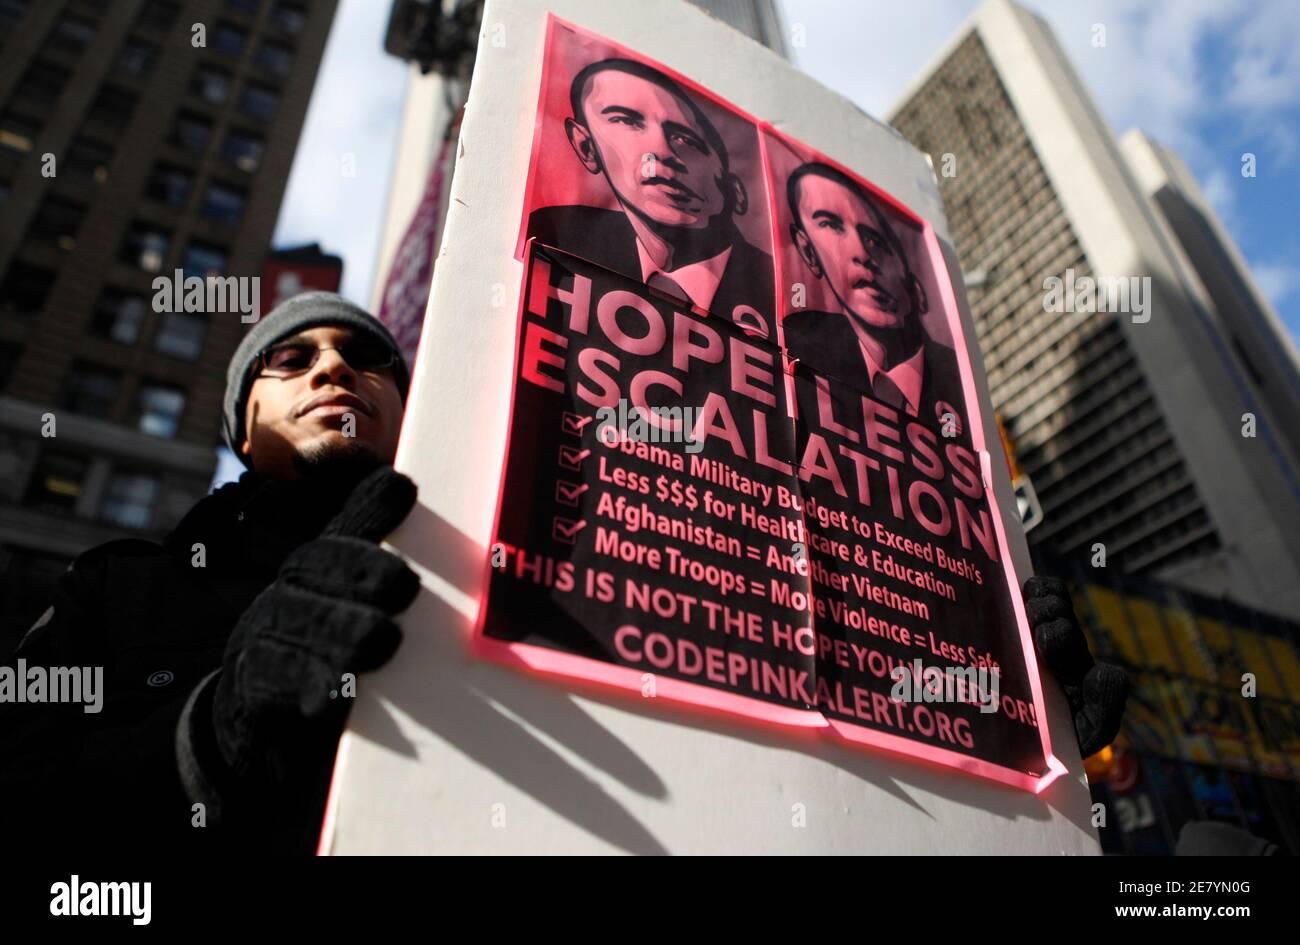 Daniel Velez, 29, der Bronx, protestiert gegen US-Präsident Barack Obama den Friedensnobelpreis in New York City 10. Dezember 2009 Akzeptanz. REUTERS/Jessica Rinaldi (Vereinigte Staaten-Politik-Konflikt) Stockfoto